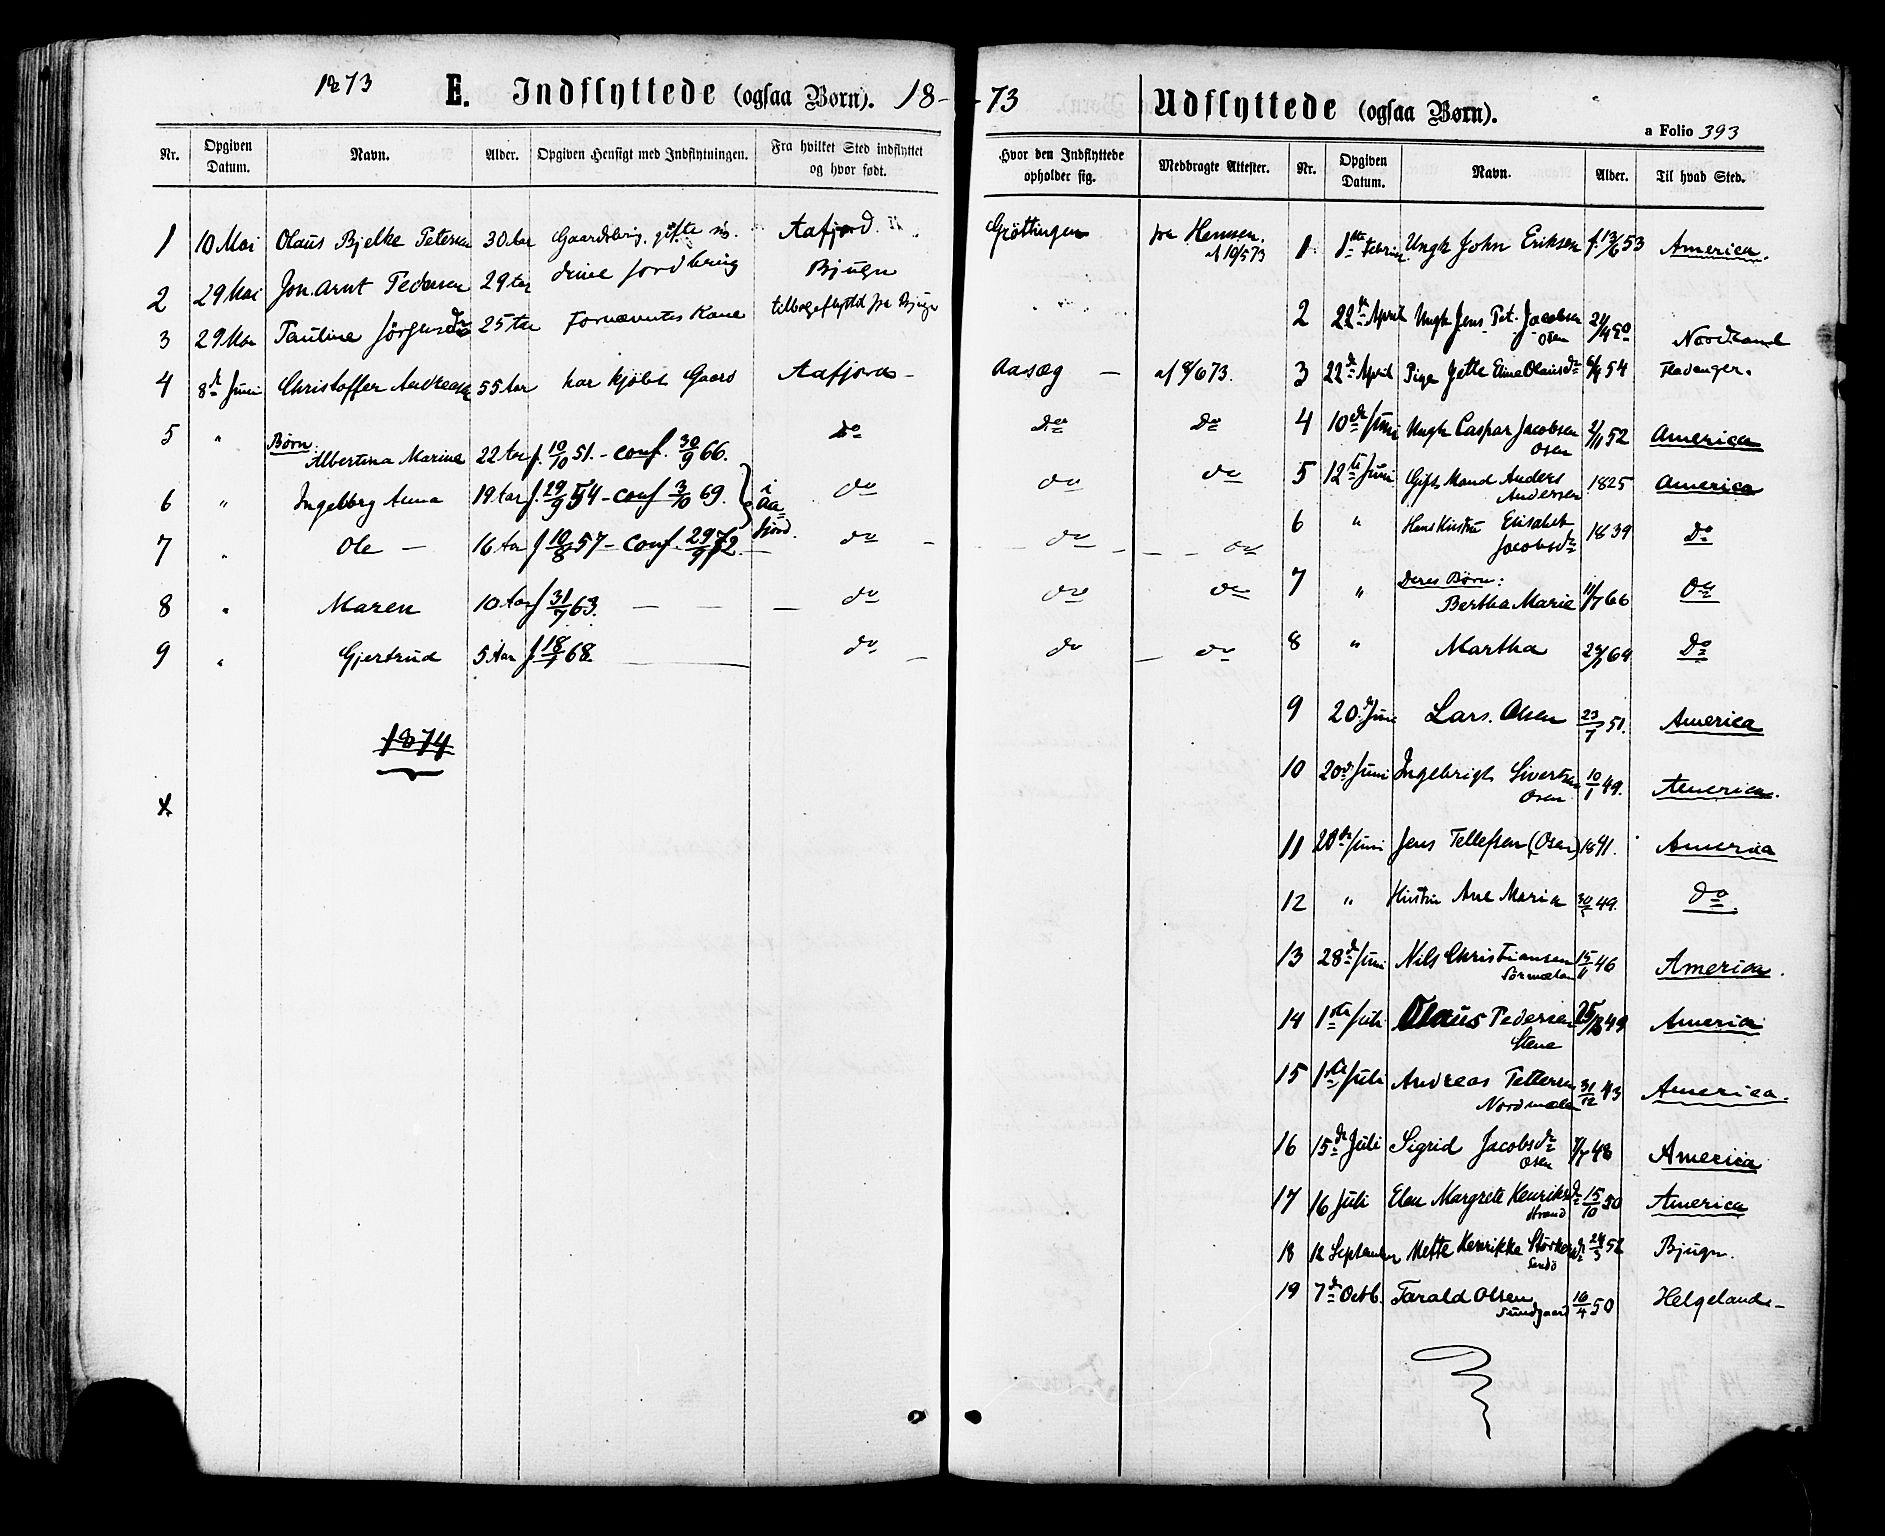 SAT, Ministerialprotokoller, klokkerbøker og fødselsregistre - Sør-Trøndelag, 657/L0706: Ministerialbok nr. 657A07, 1867-1878, s. 393